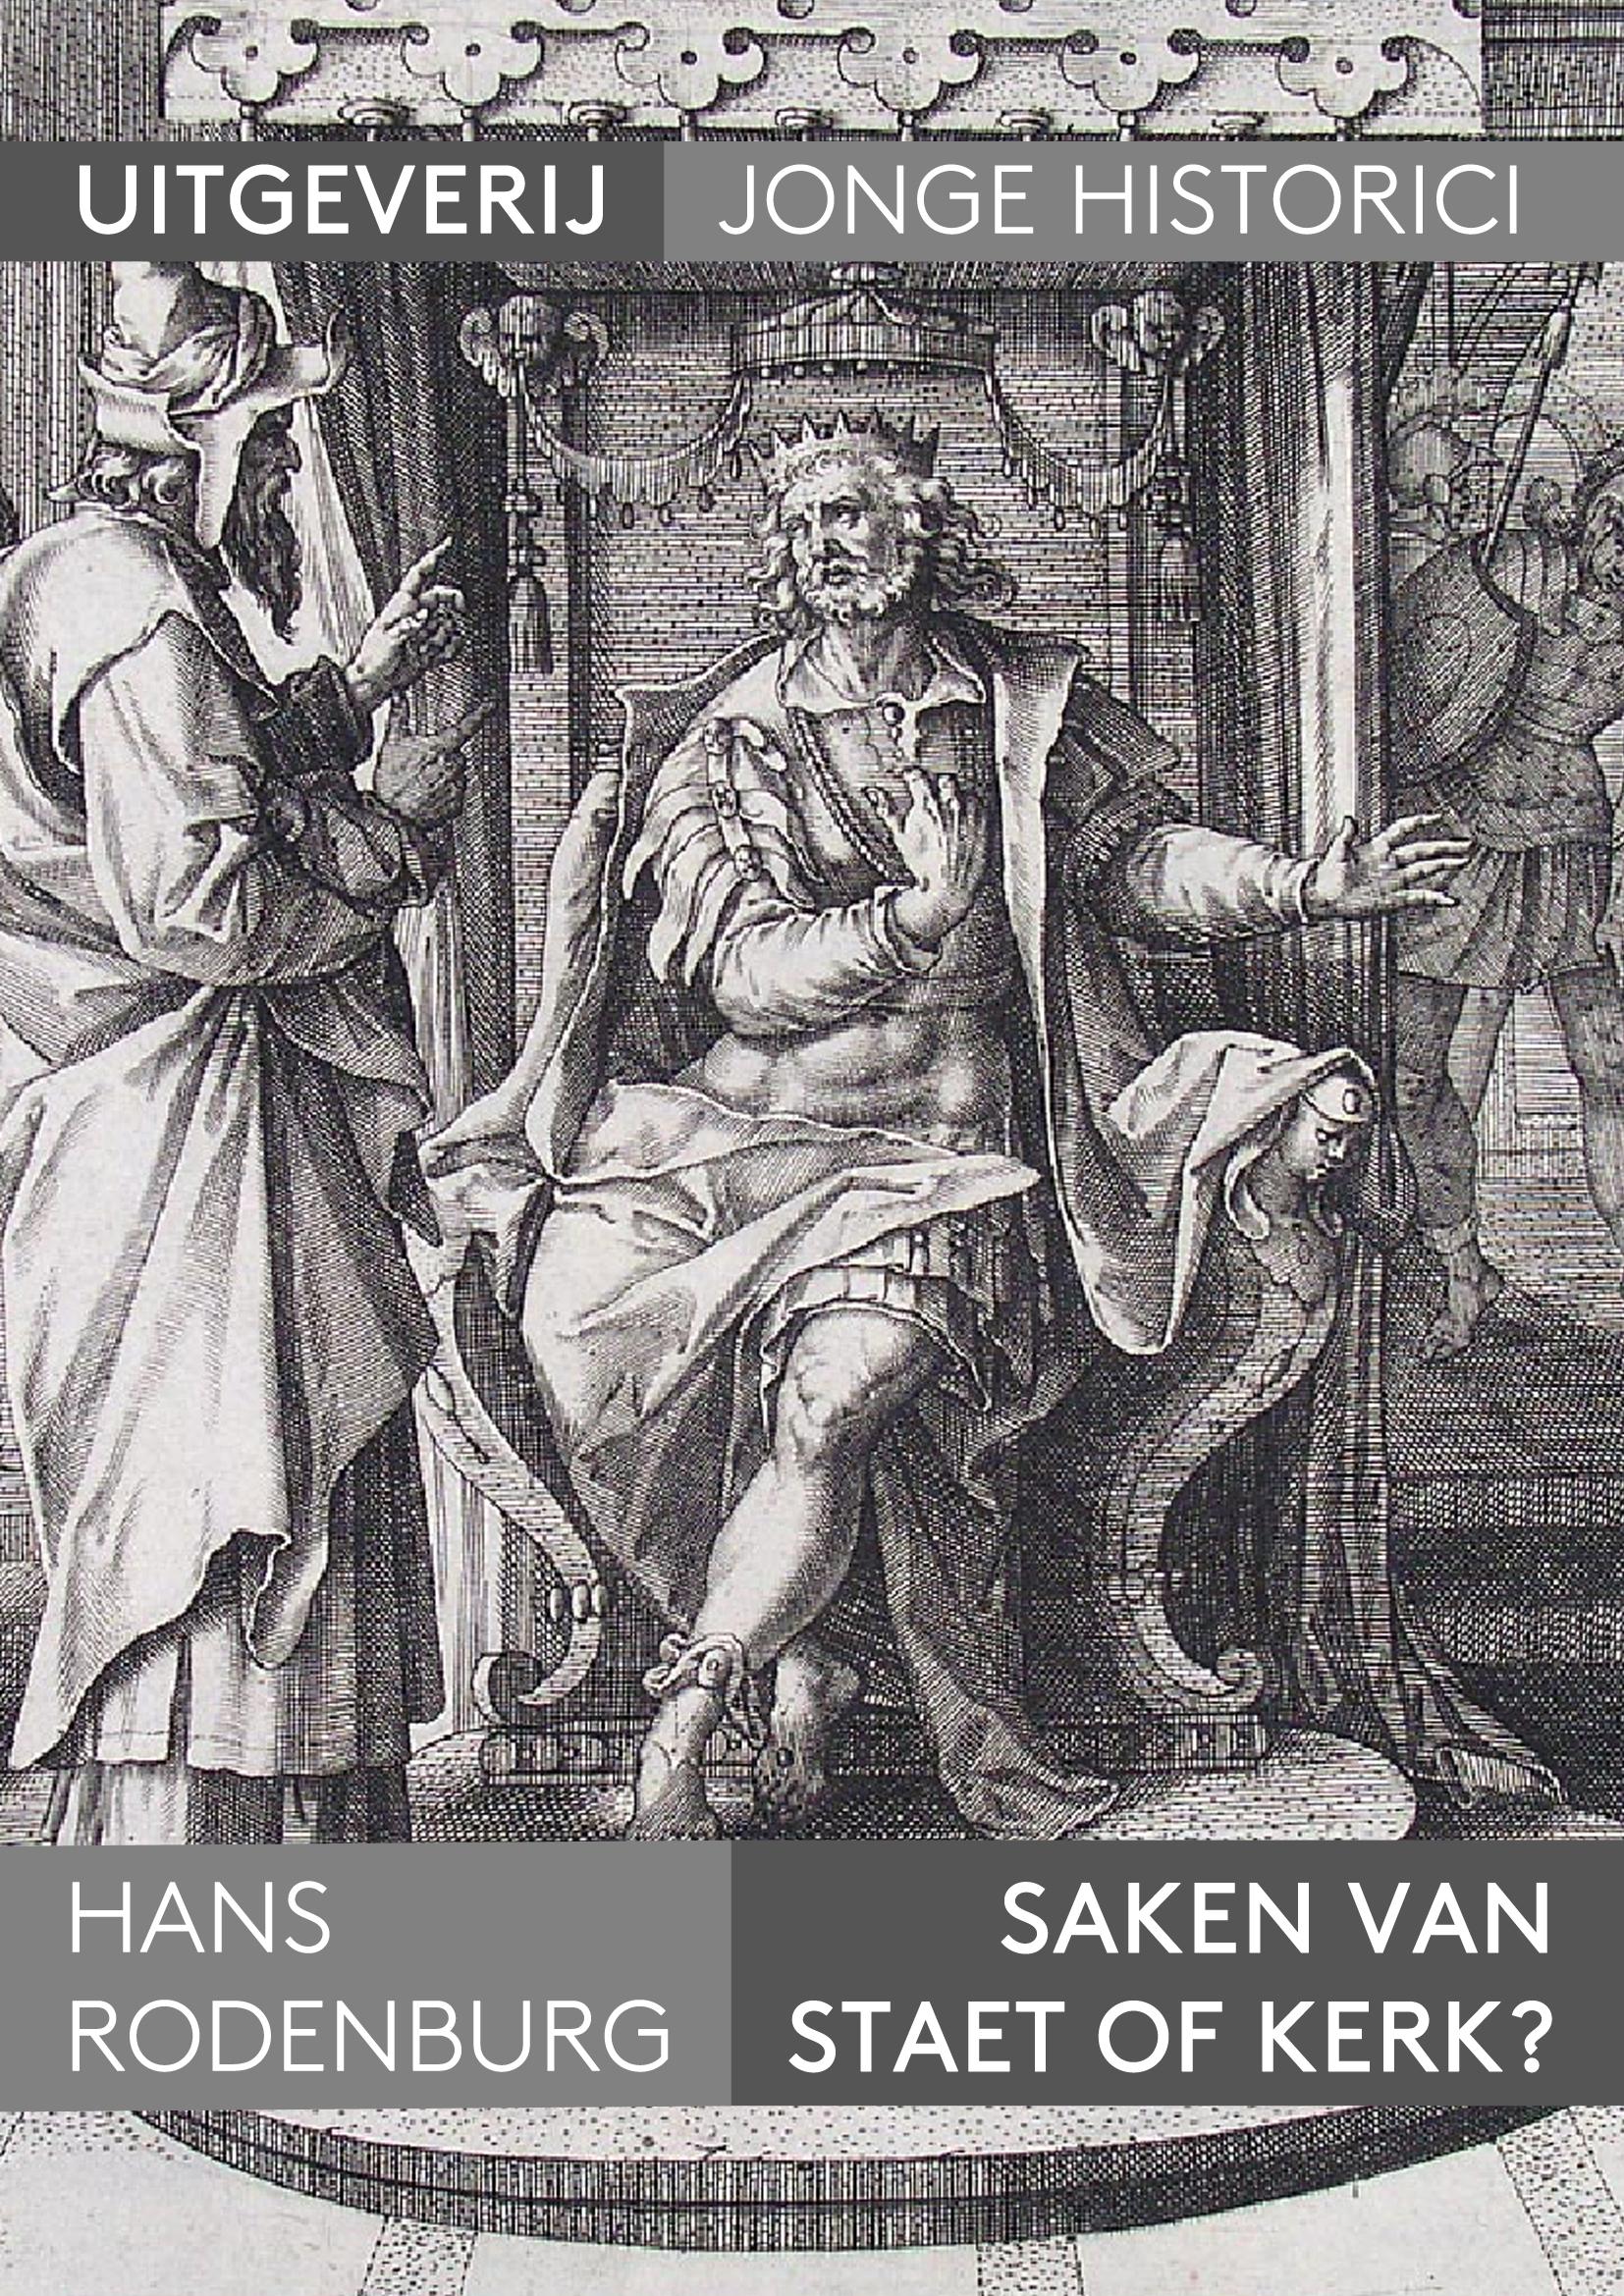 Hans Rodenburg, Saken van staet of kerk? De zeeuwse Remonstratie van 1643 en haar betekenis